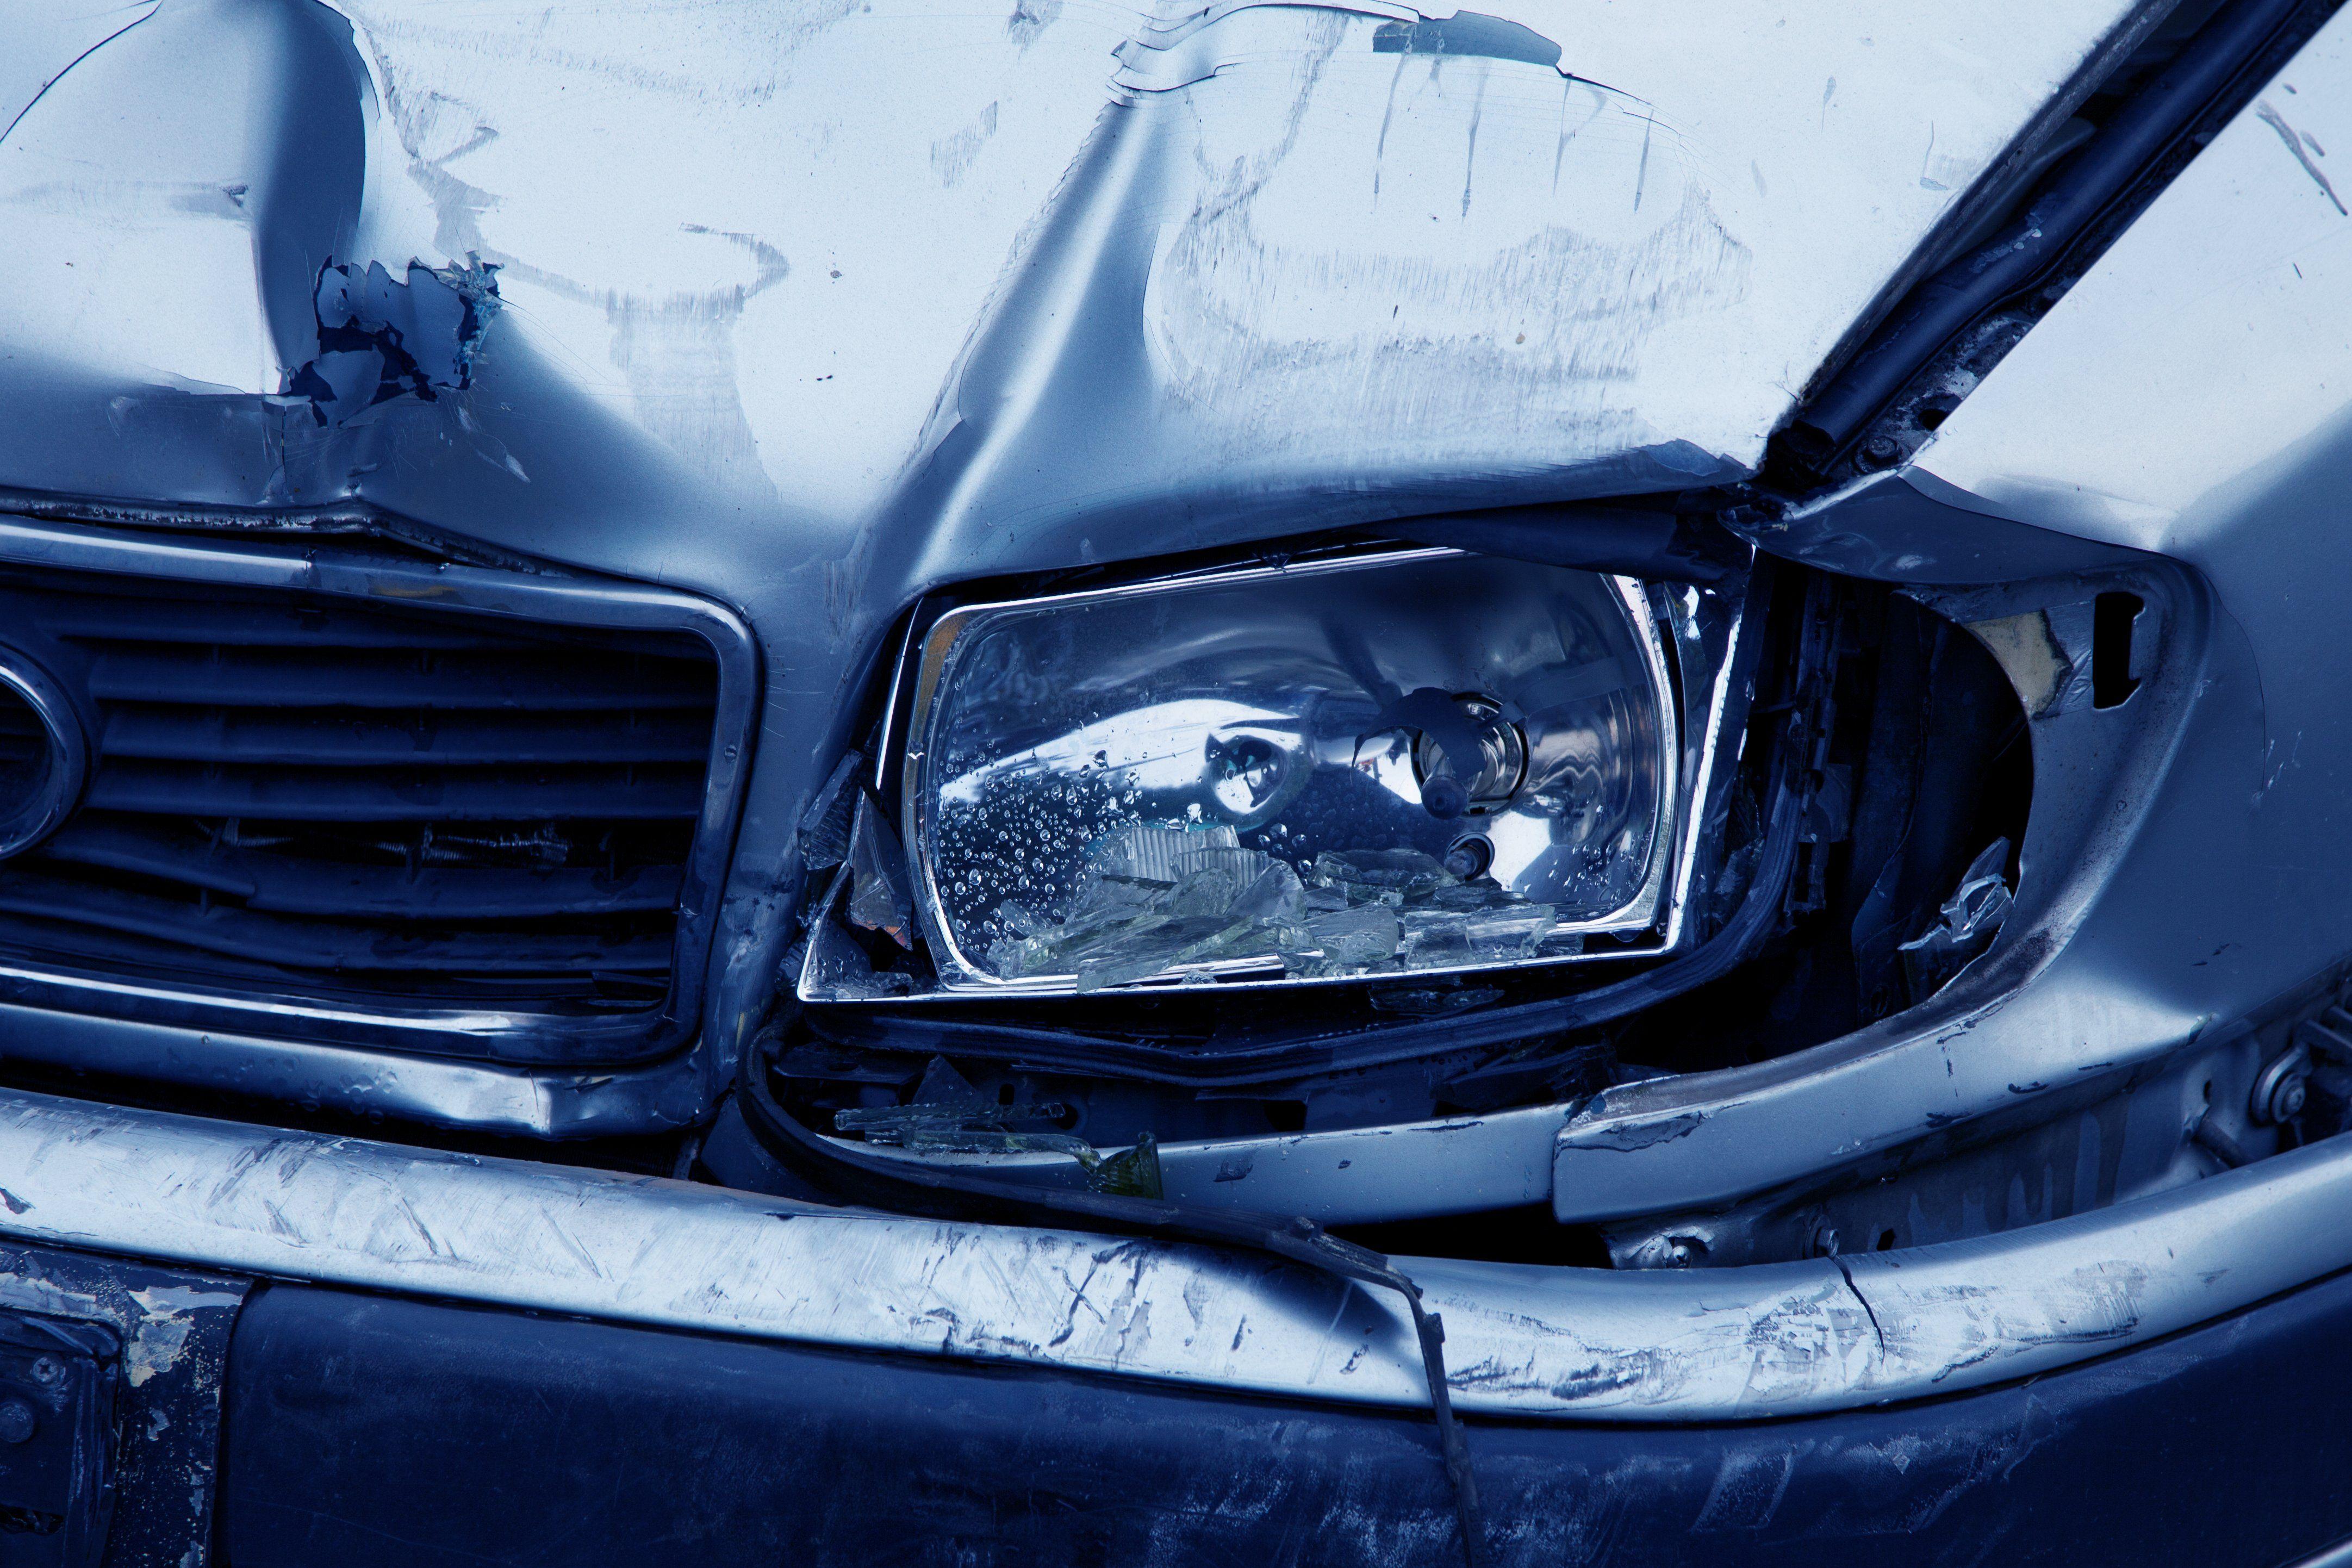 Gdzie szybko pożyczyć pieniądze na naprawę samochodu? 15